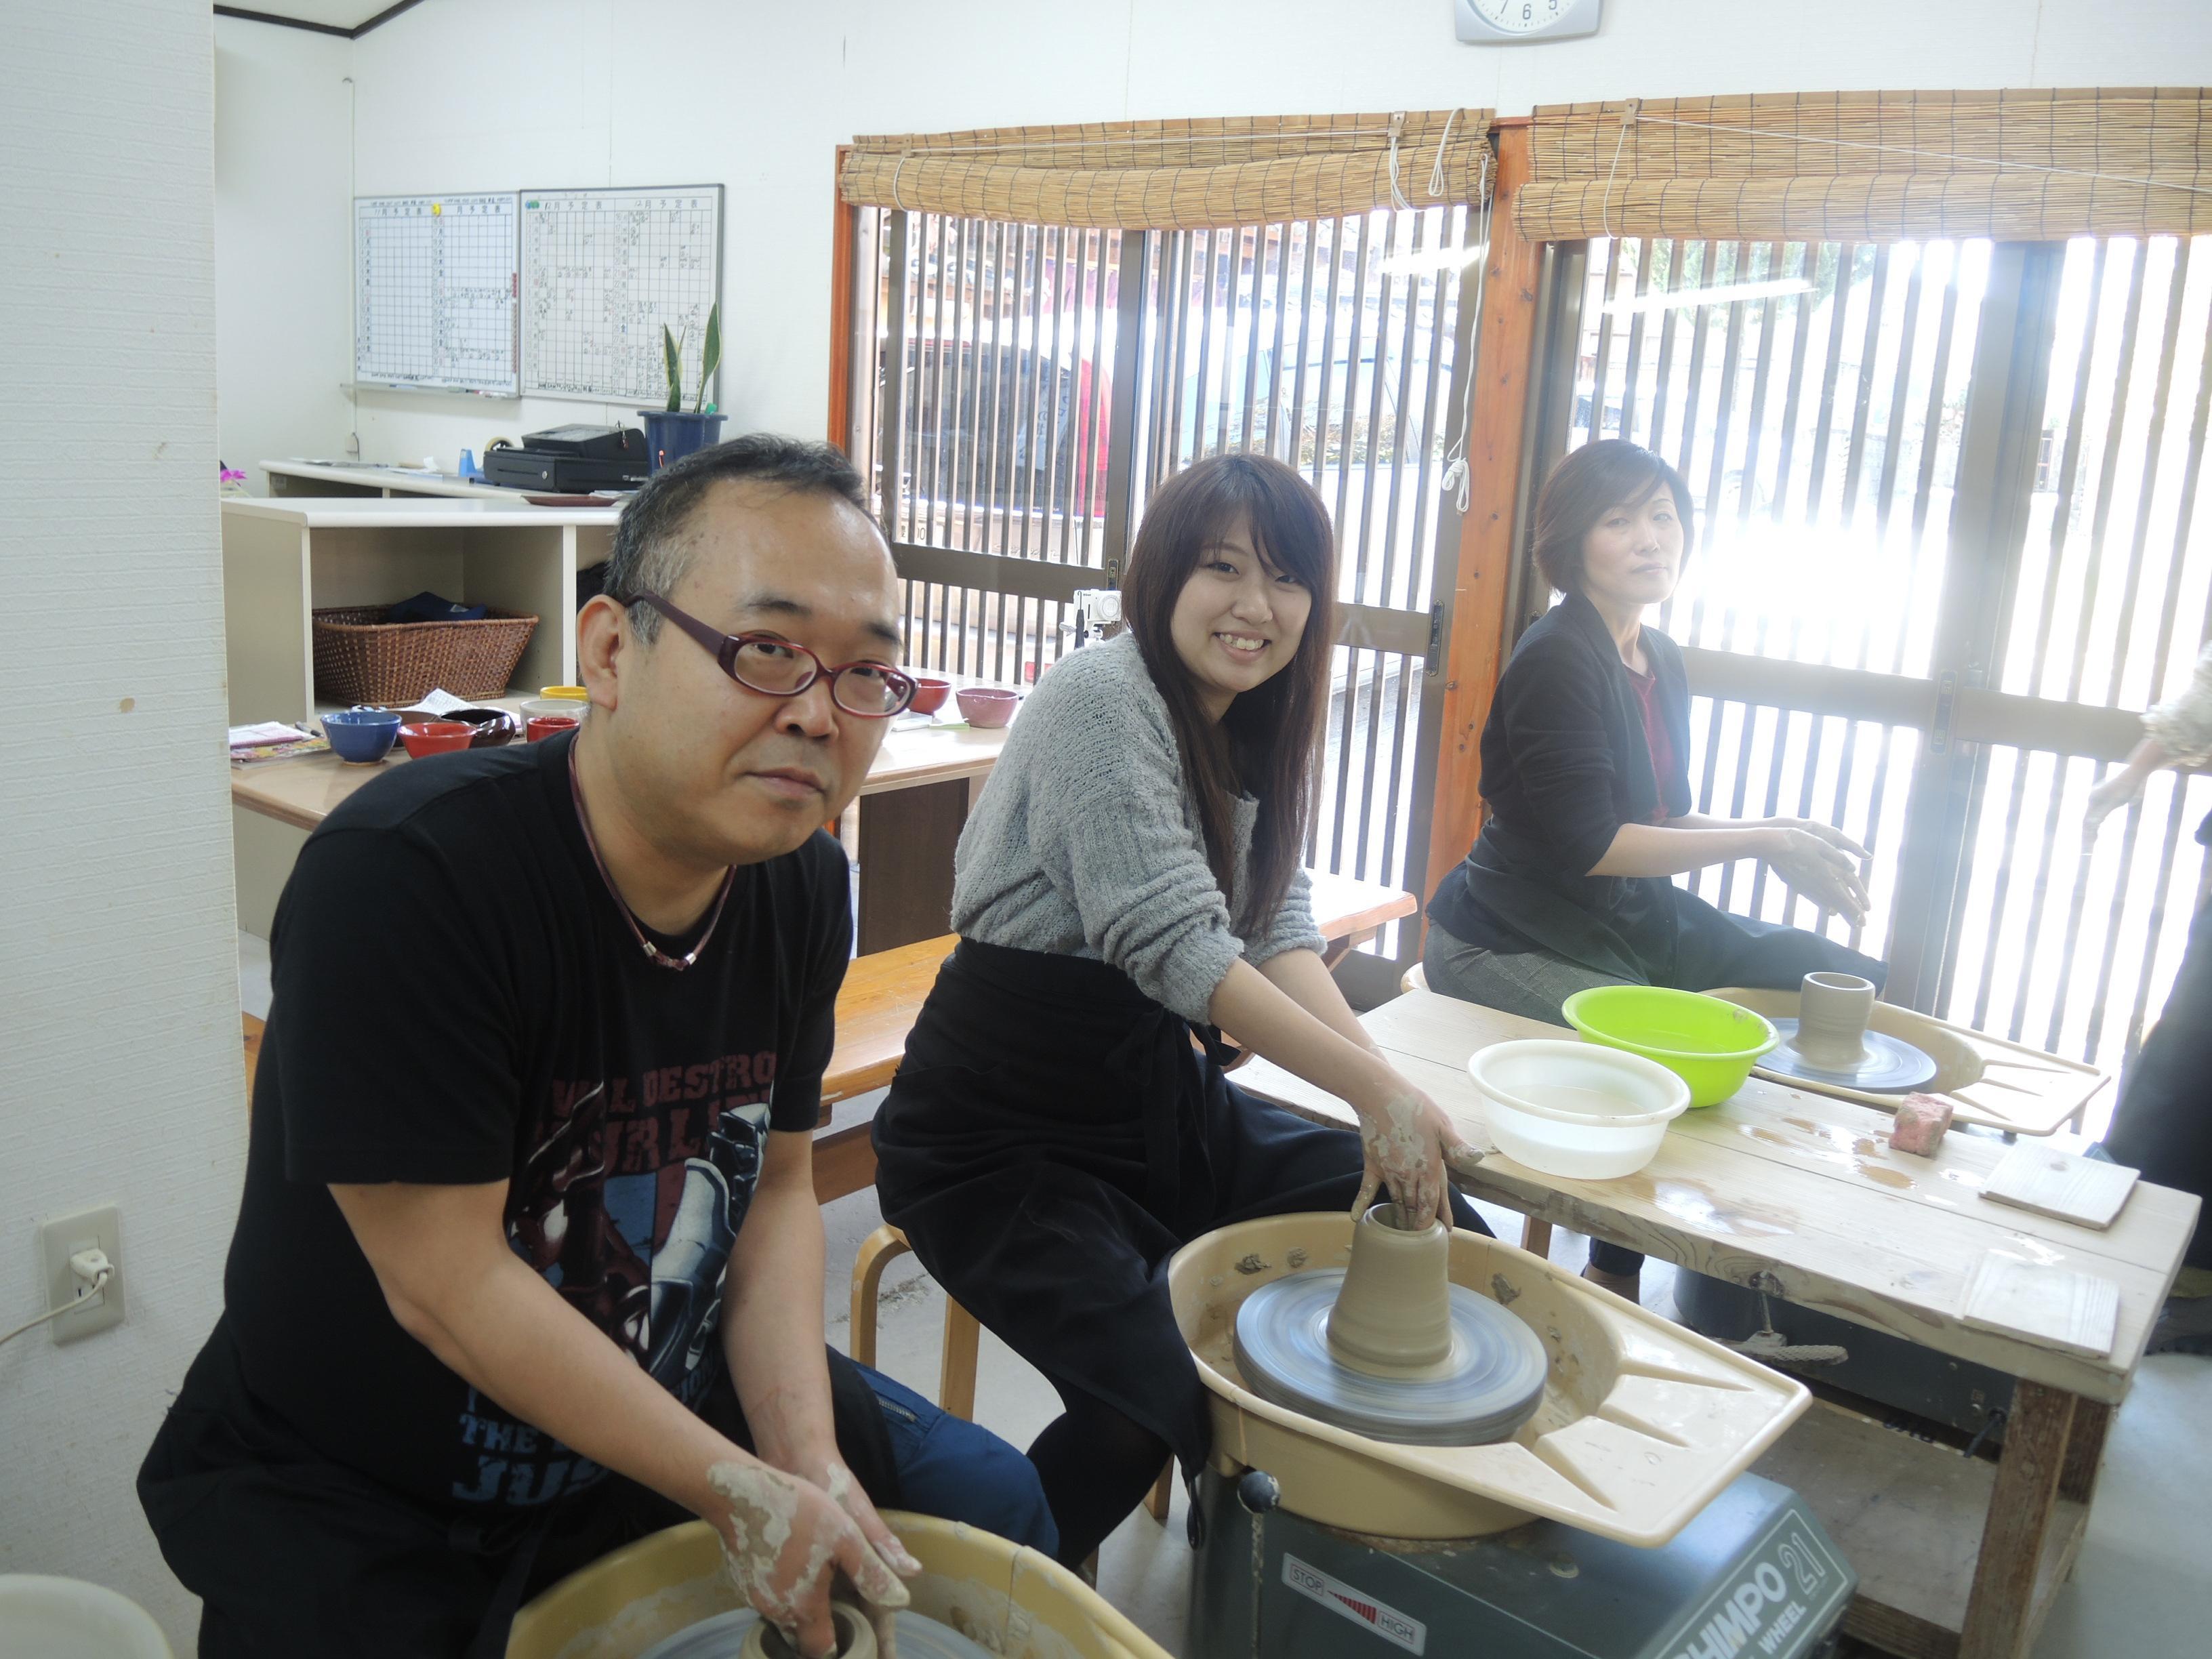 社員旅行で陶芸に挑戦!